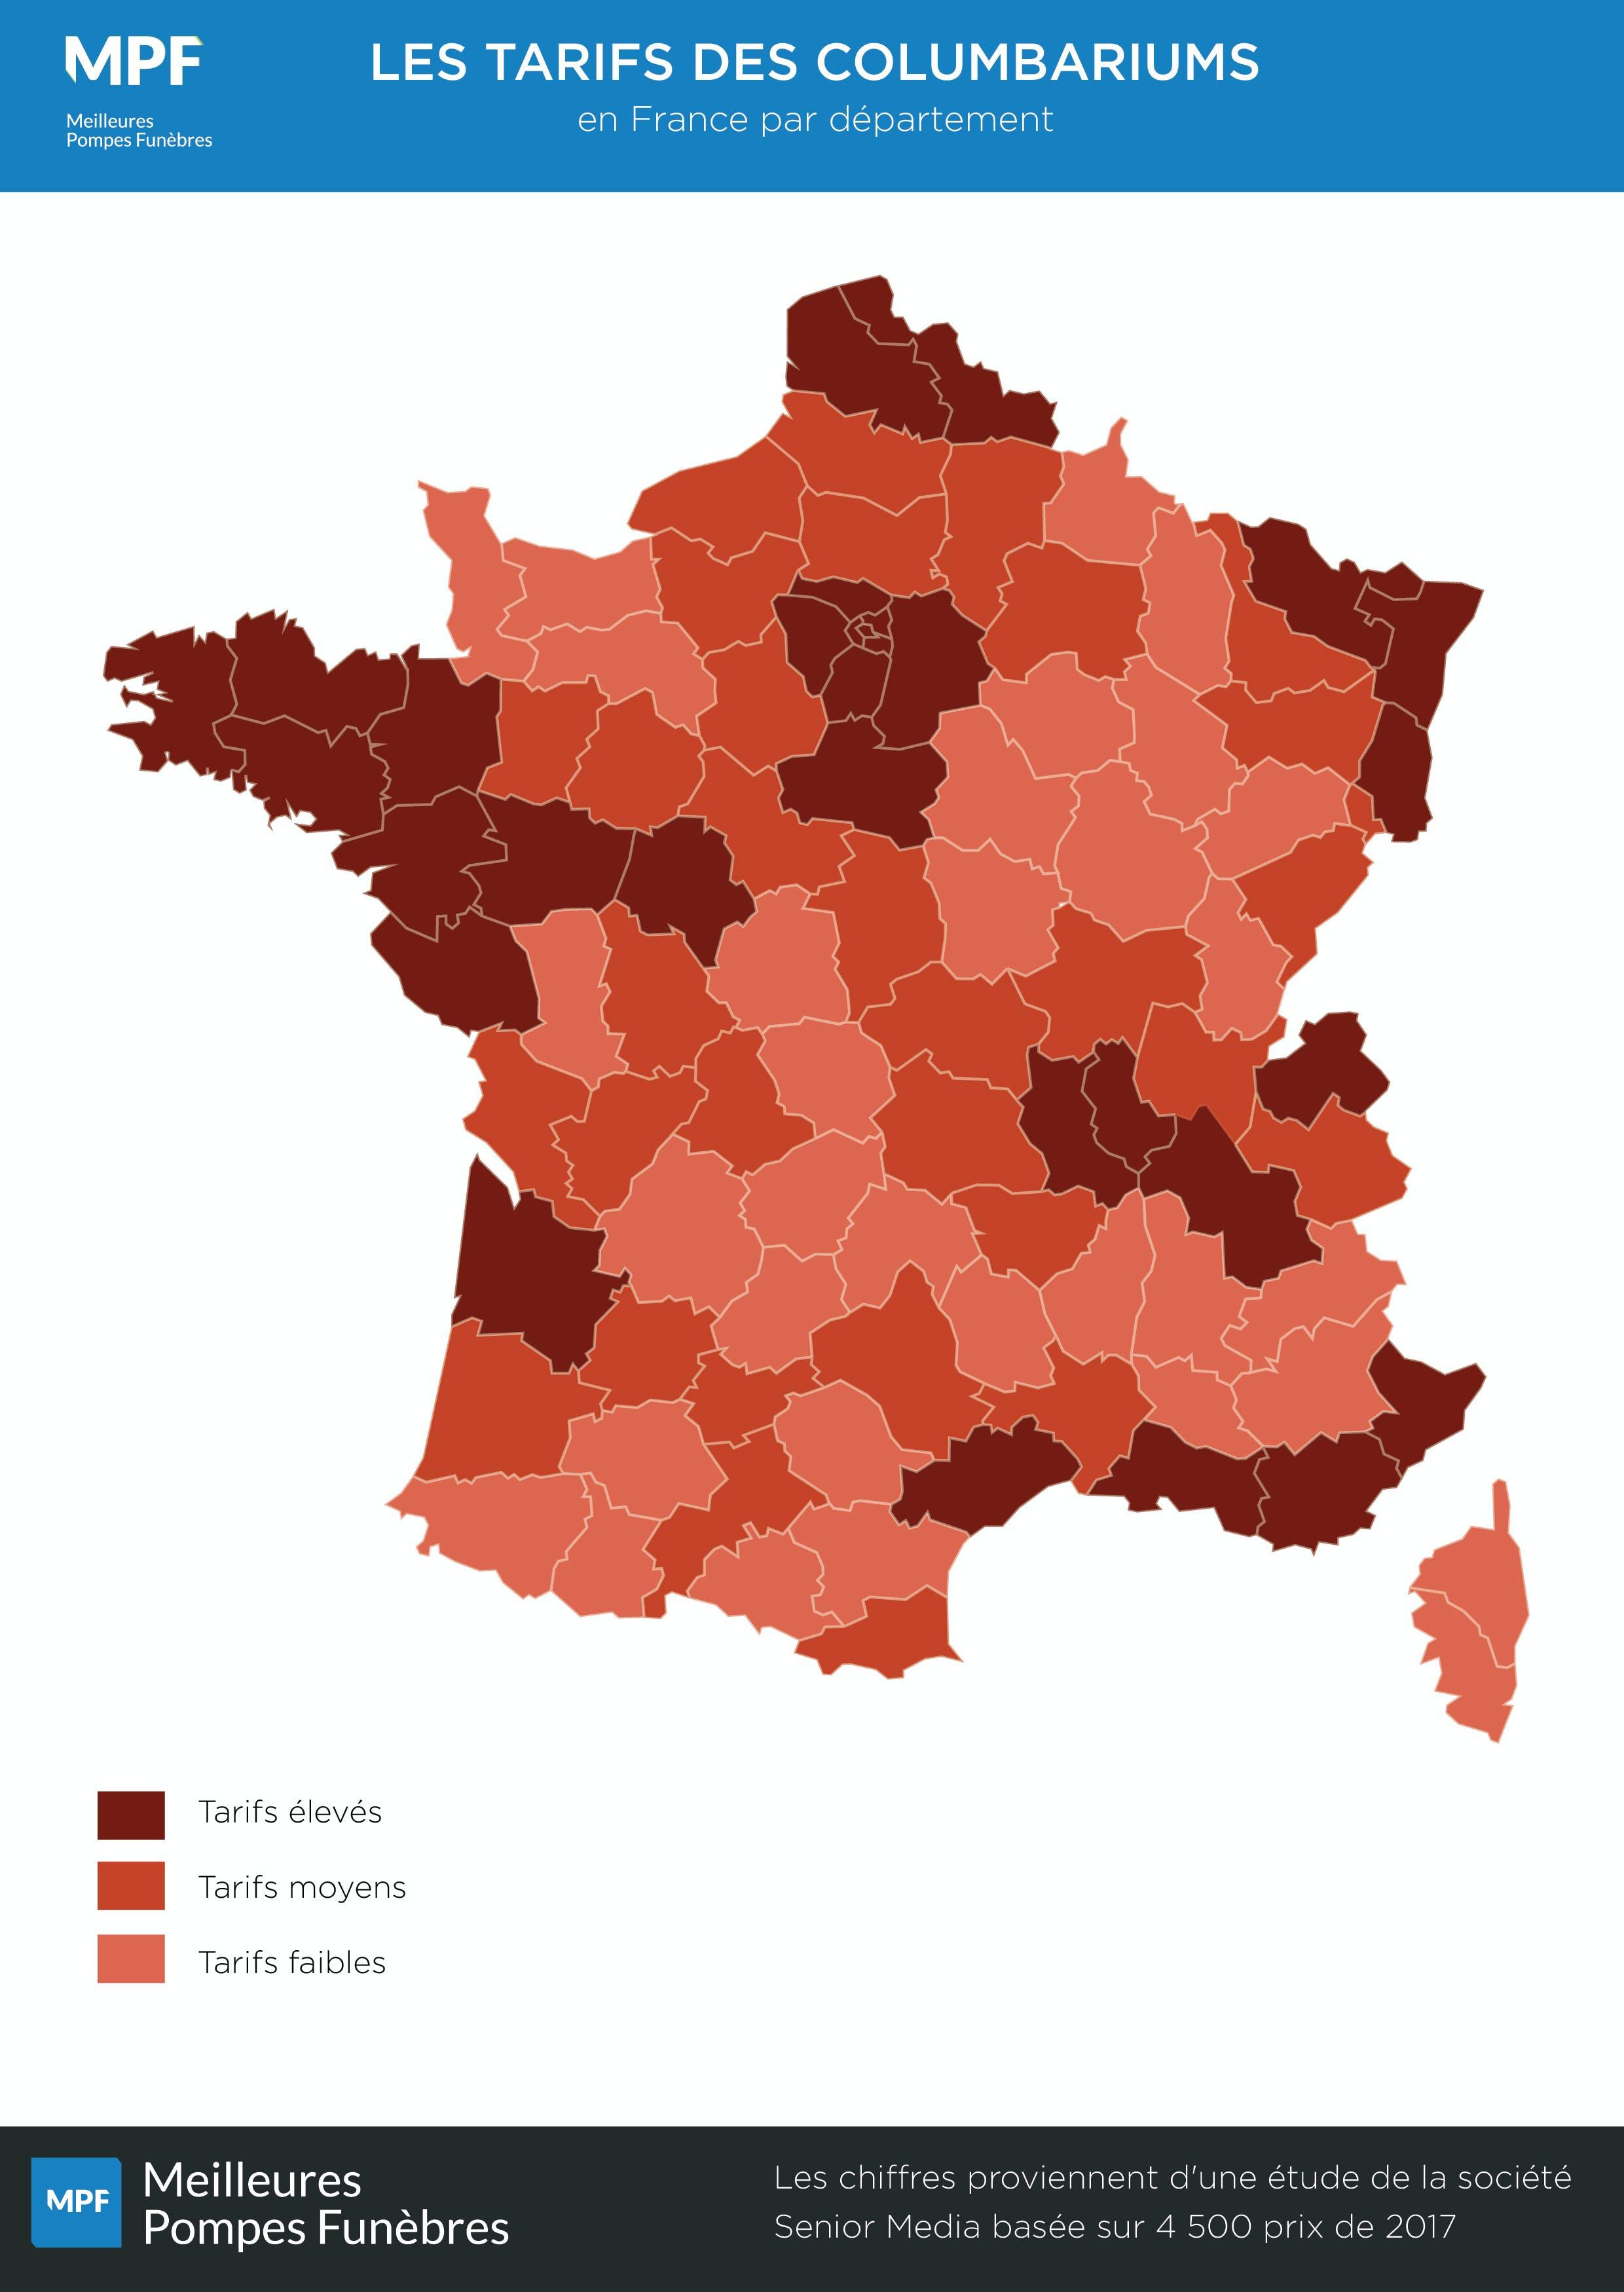 carte de la France avec les tarifs des columbariums  par département